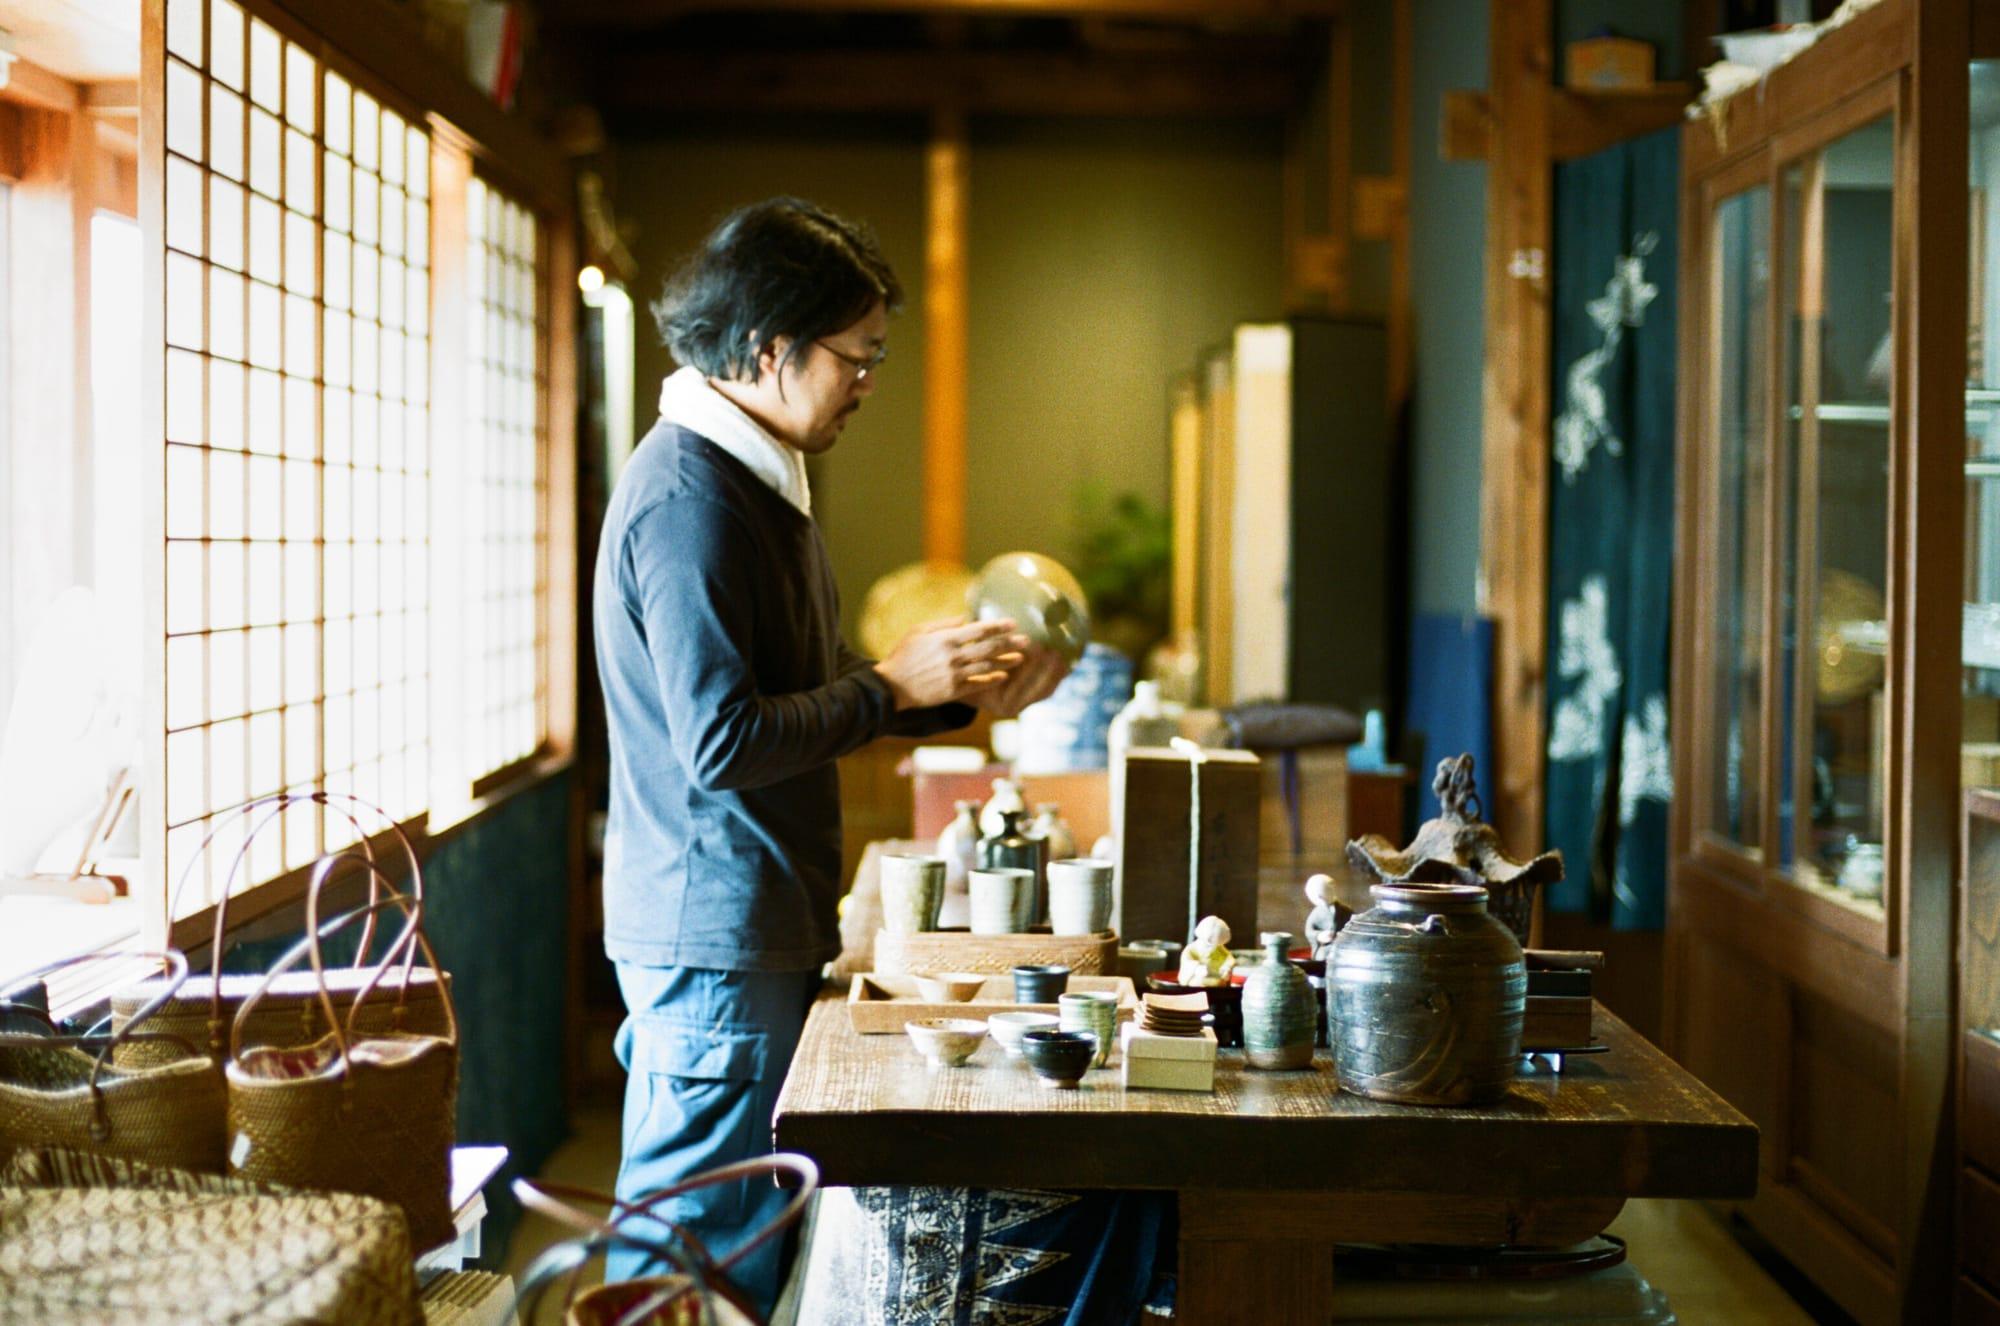 「古美術 茶房 古楽屋」の建物や置いてある骨董は、古本さんが時が経つほど価値が高まるものを選び抜く目利きであることを物語っている。